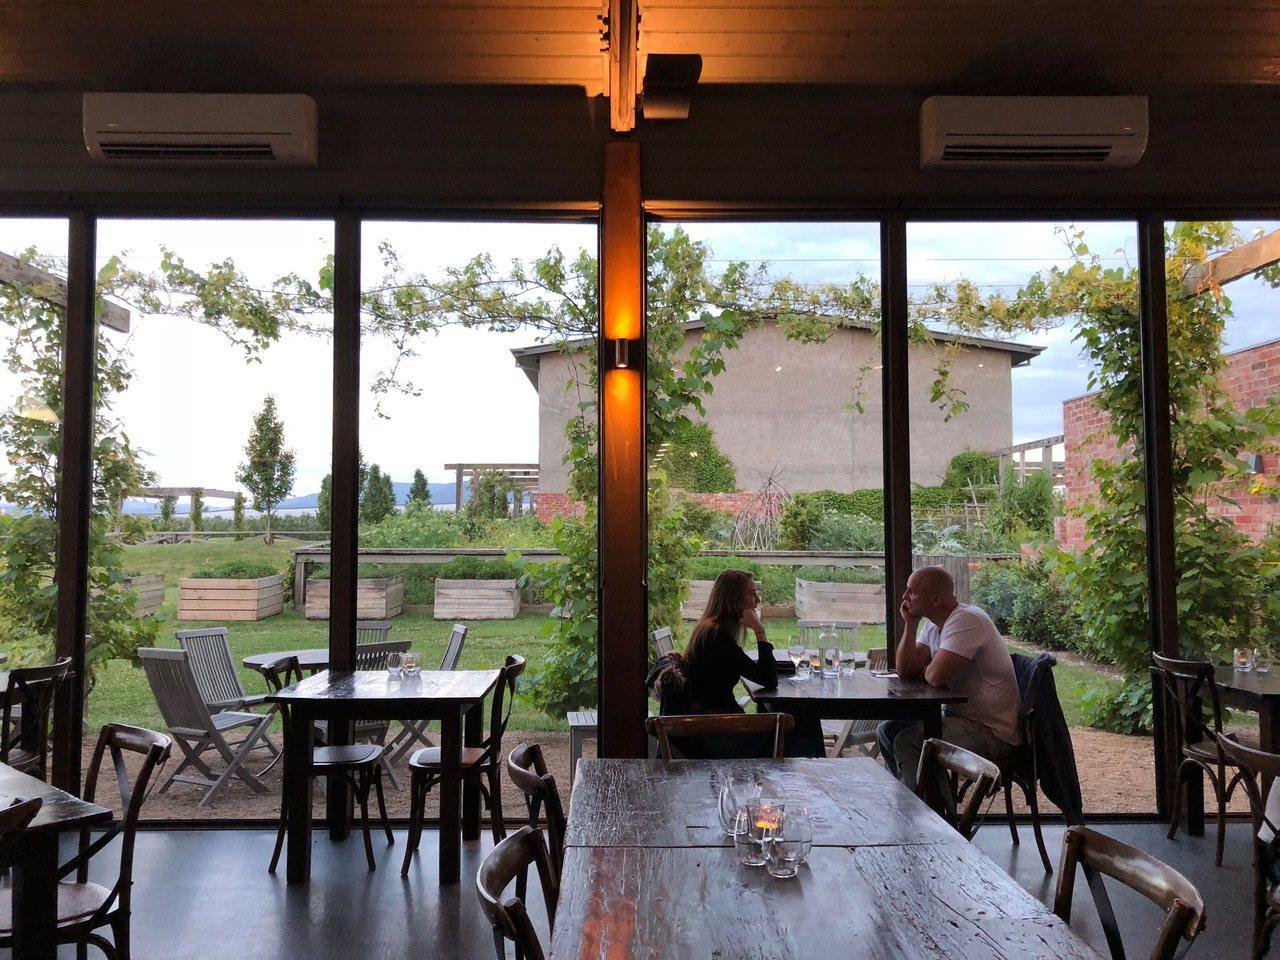 Meletos酒莊有如Kinfolk經典文青風格般的空間與美感。記者錢欽青攝影。